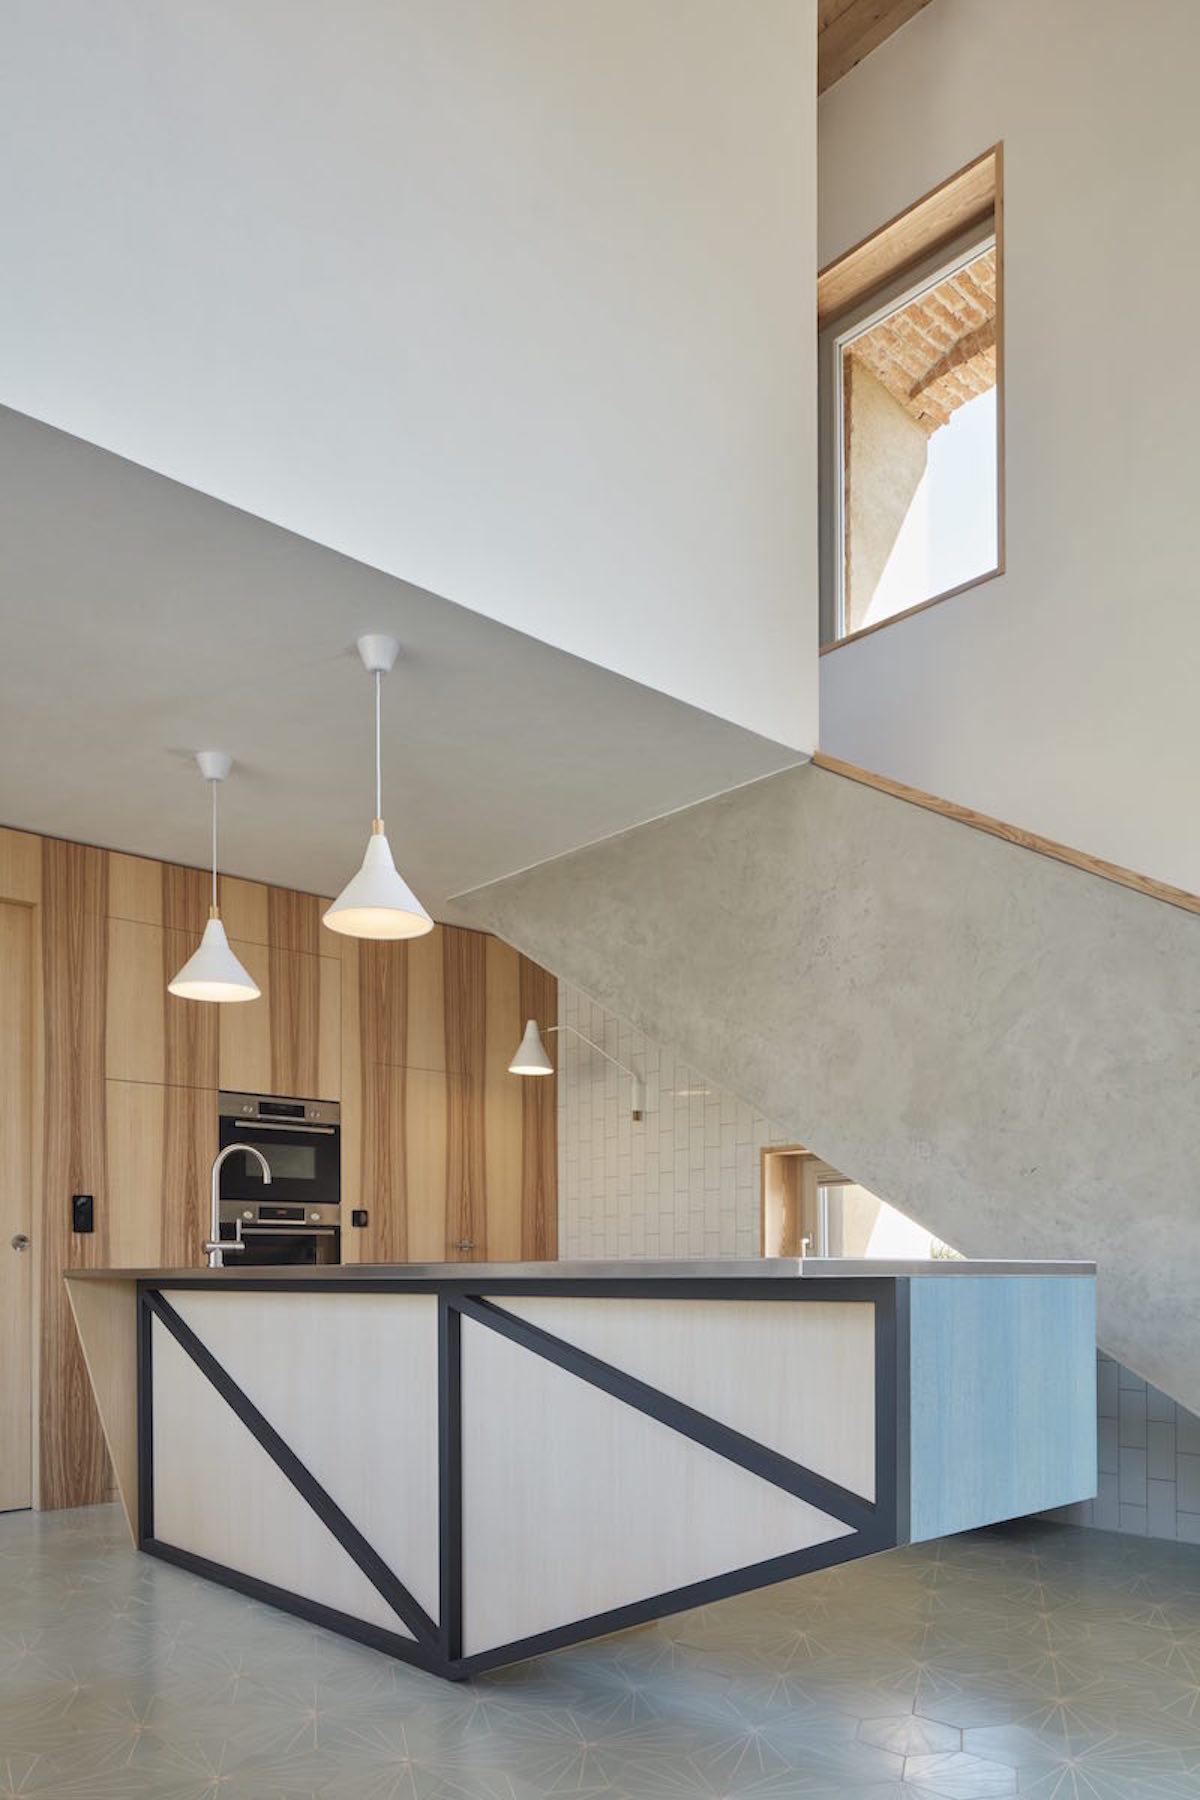 Výrazné geometrické členění a uklidňující modř kuchyňského ostrůvku